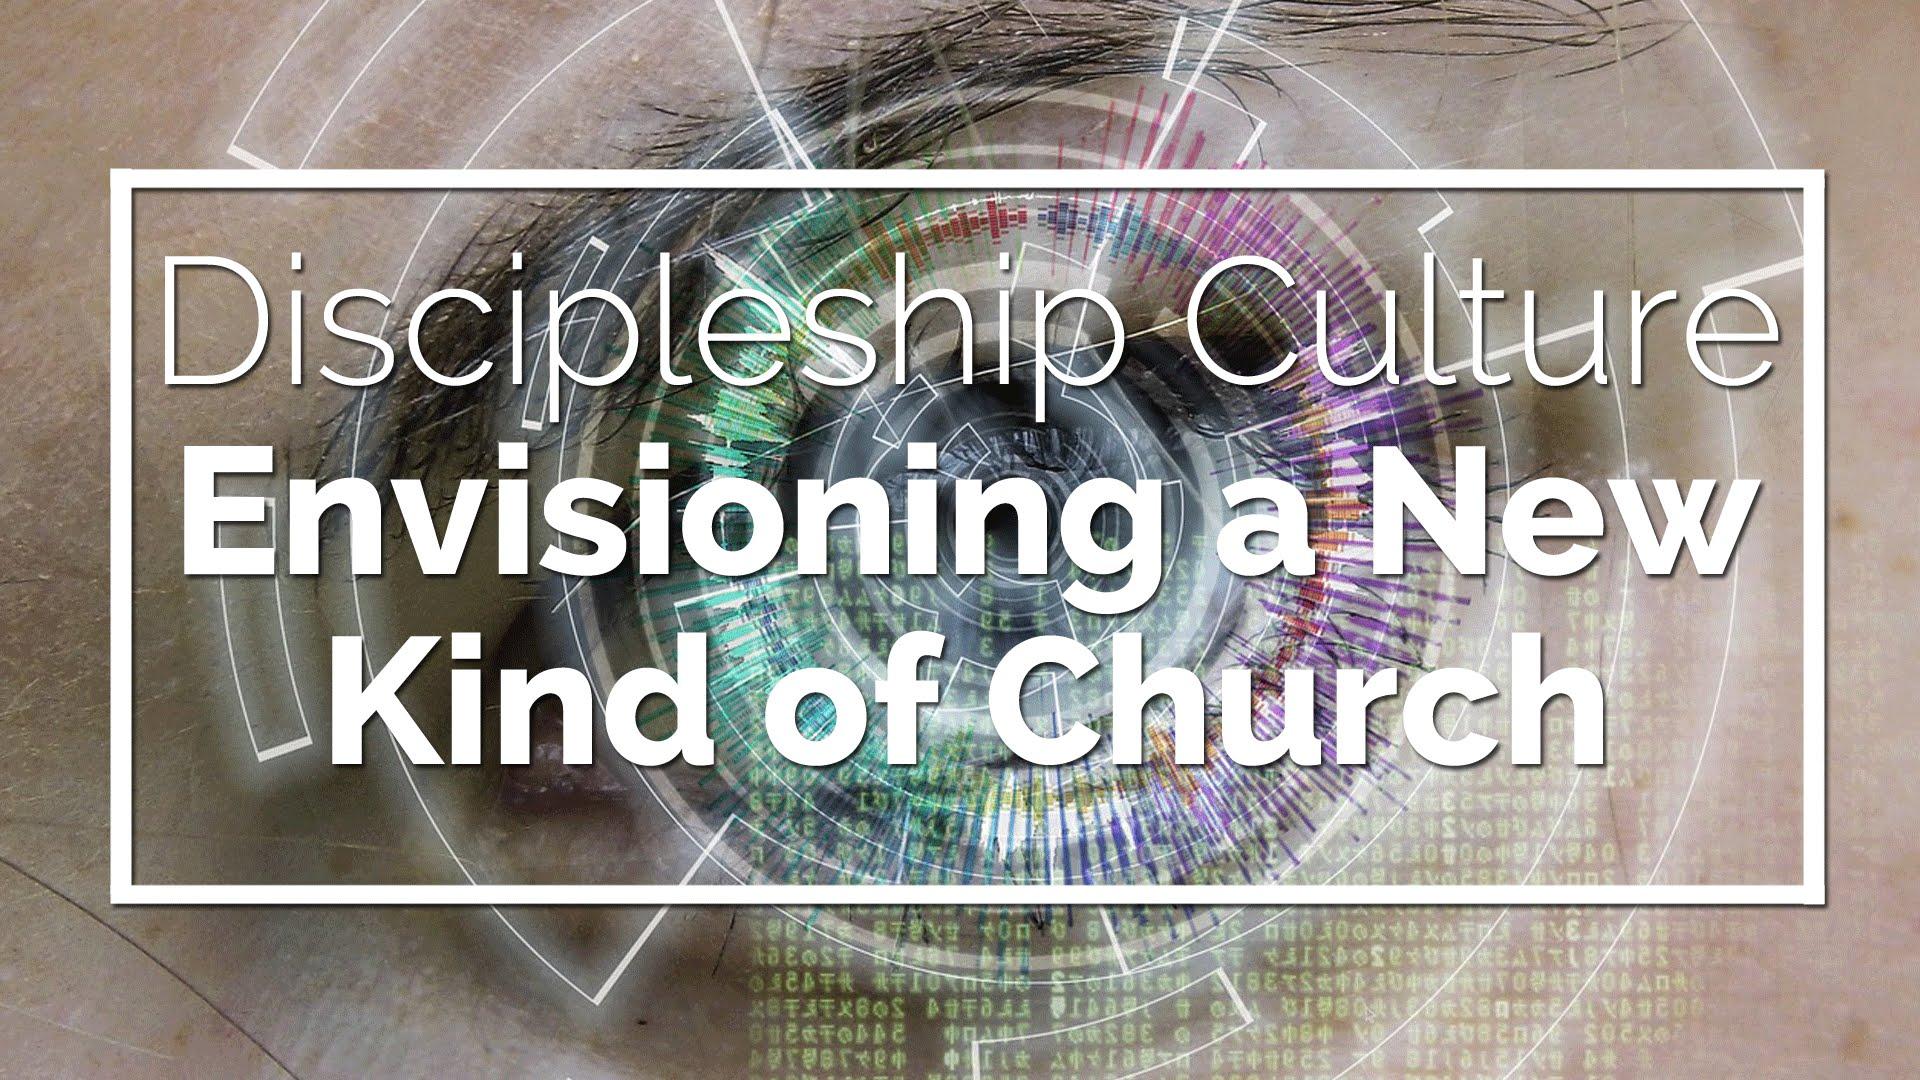 弟子の文化:新しい教会の構想